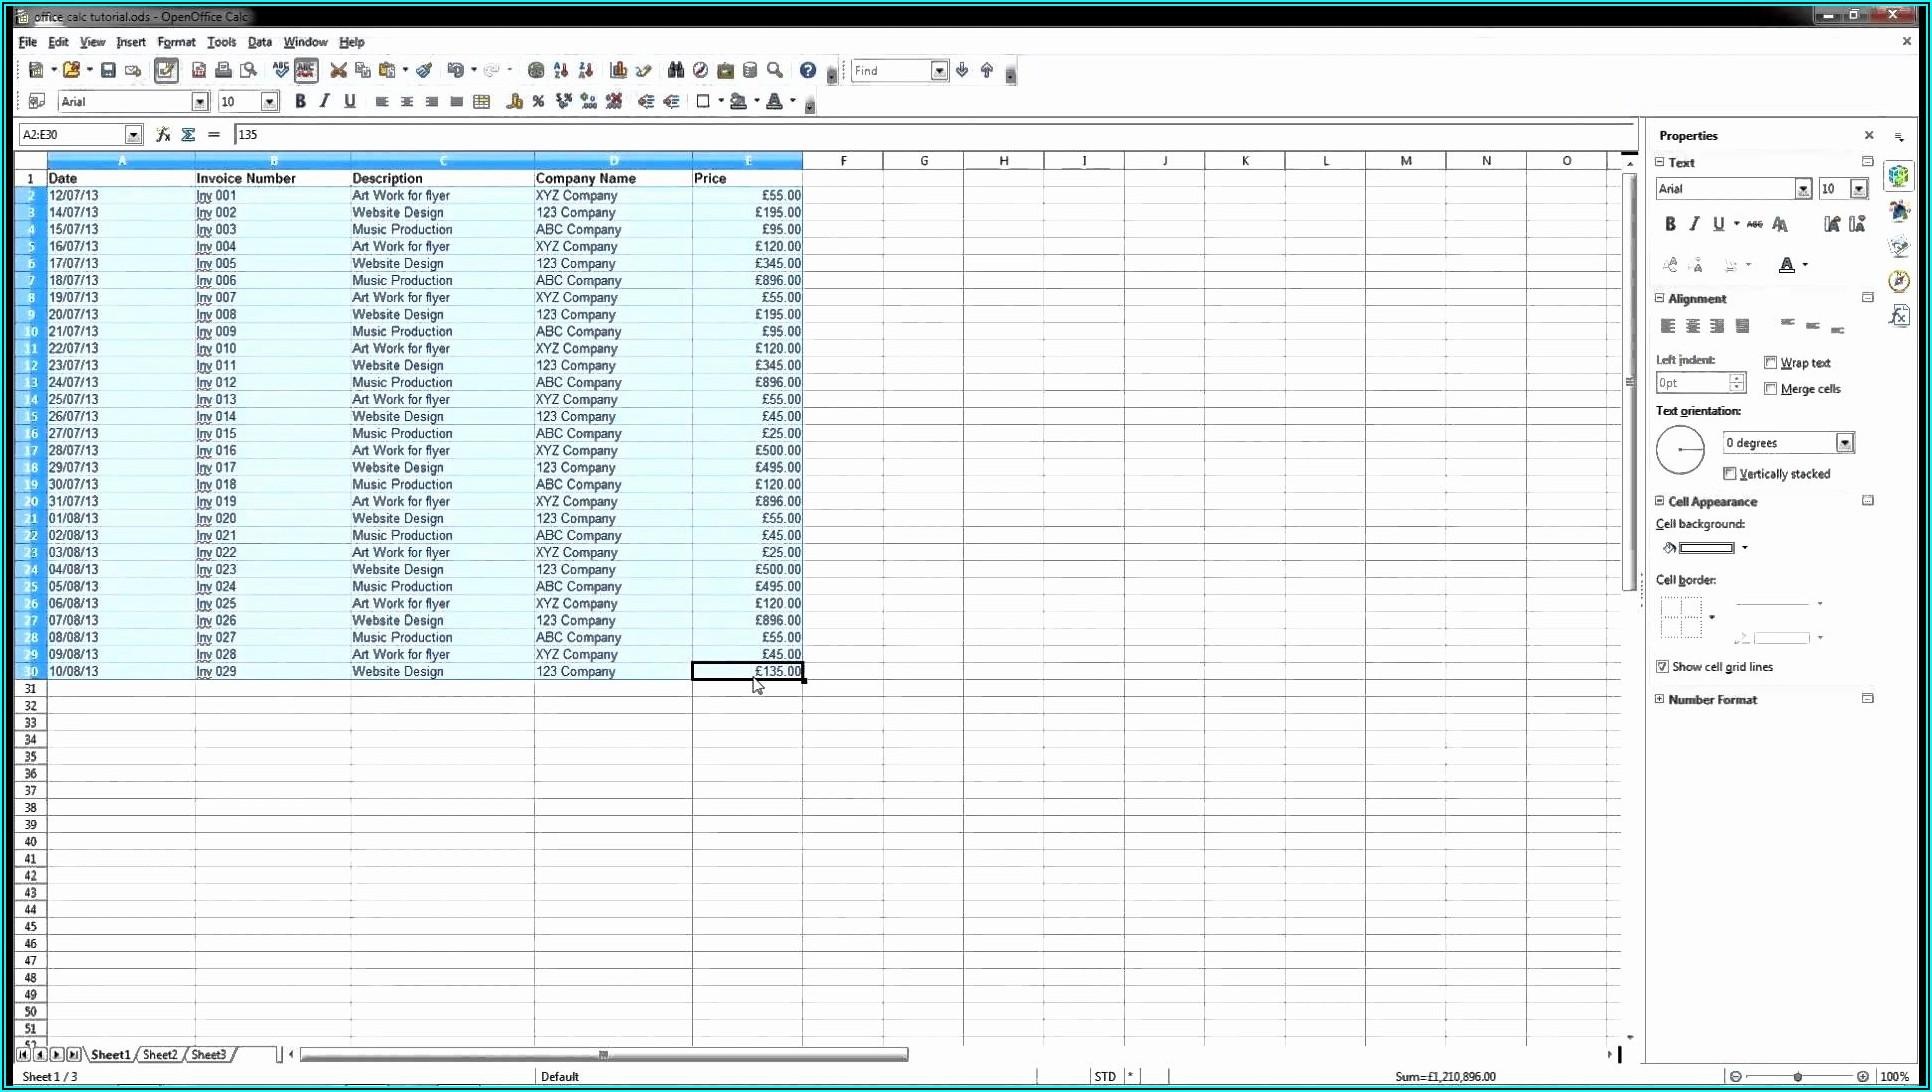 Fleet Management Spreadsheet Template